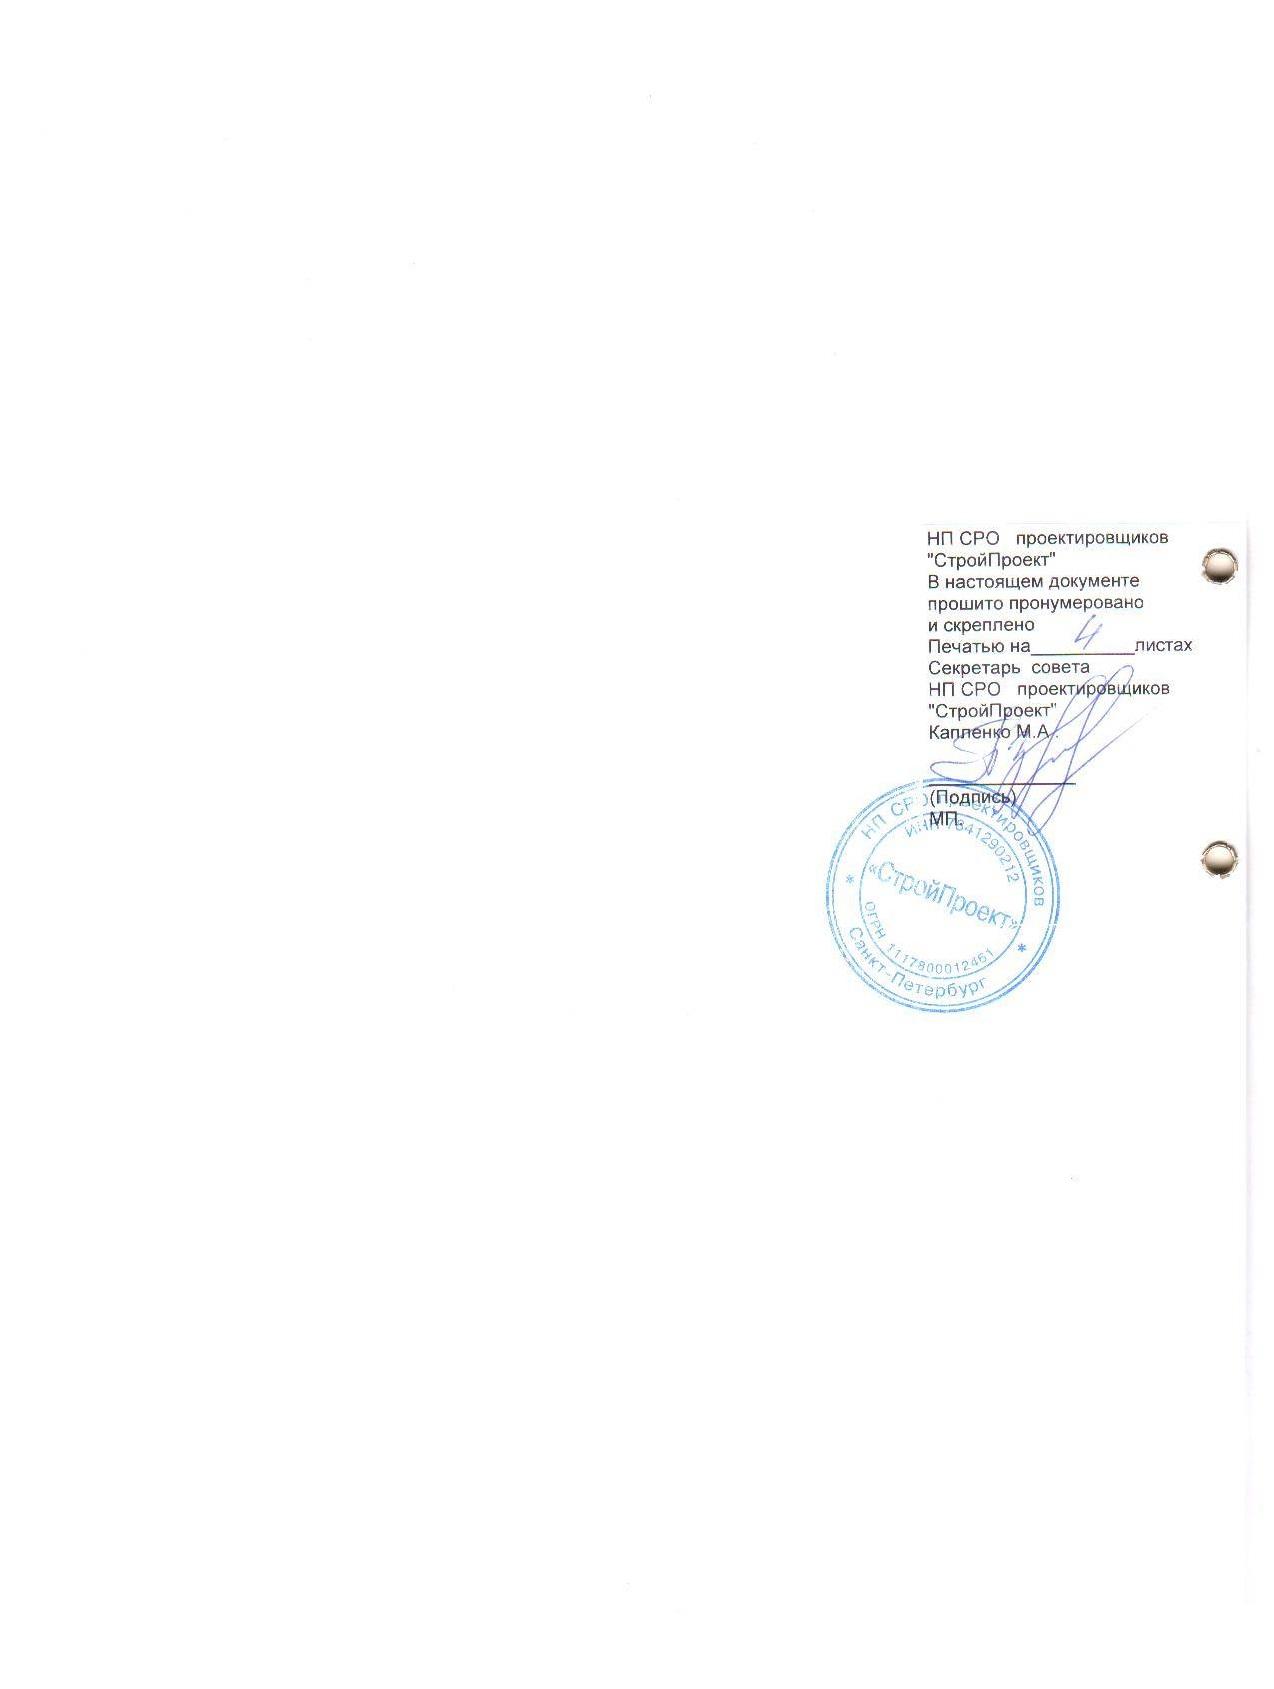 Скан Свидетельство СРО СтройПроект с приложением страница №6